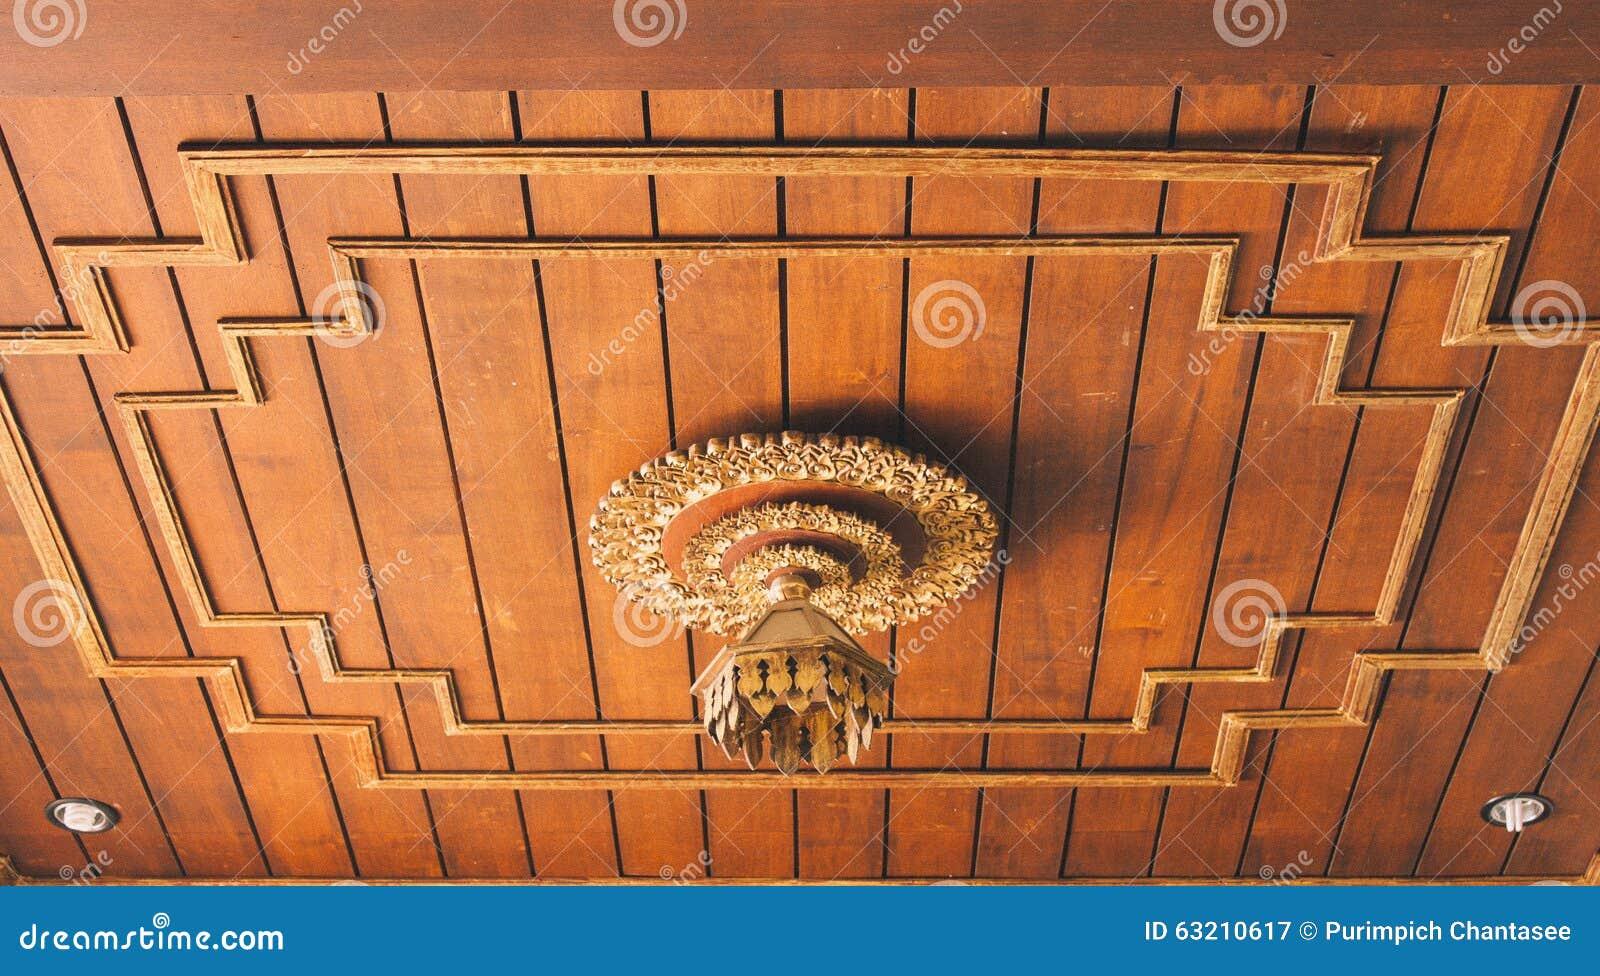 Plafoniera Gialla : Plafoniera tradizionale immagine stock di interno